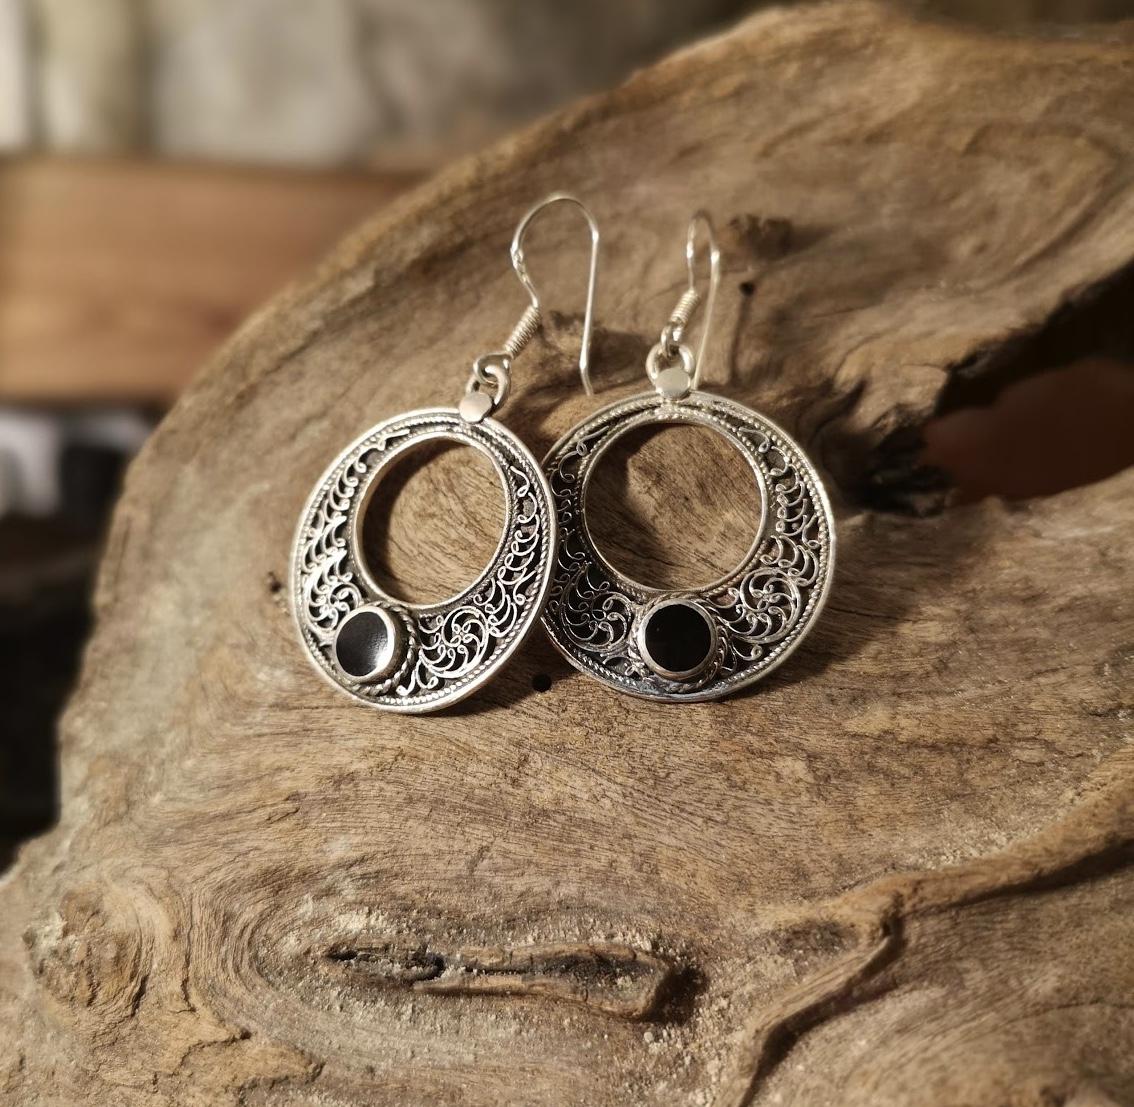 Large fancy round drop earrings